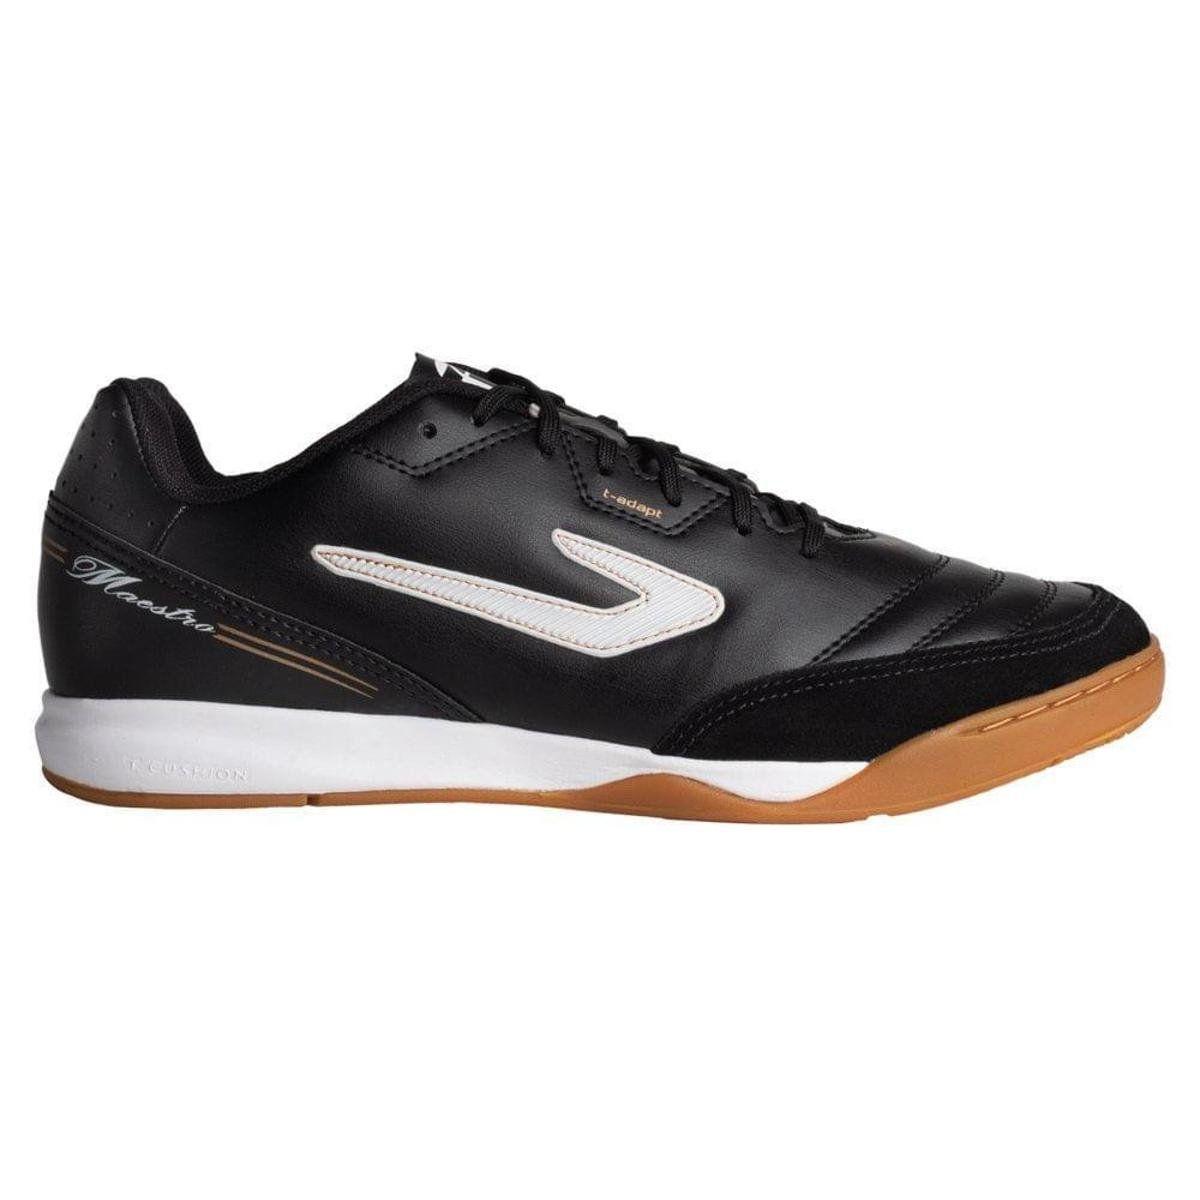 Tenis de Futsal Topper Maestro TD III